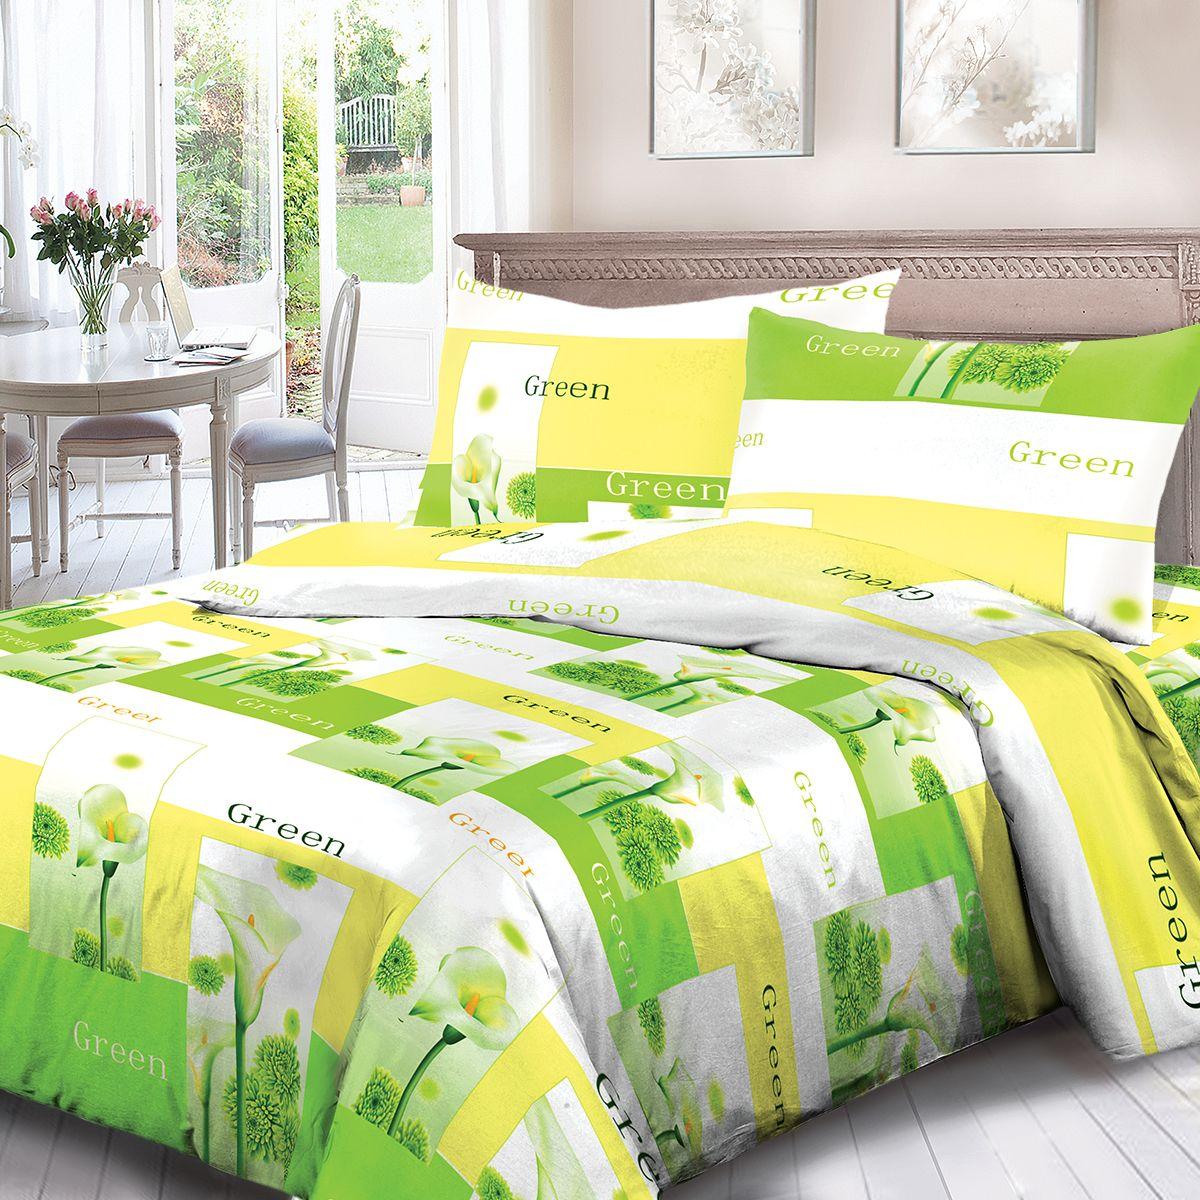 Комплект белья Для Снов Green, 1,5 спальное, наволочки 70x70, цвет: зеленый. 1537-184342